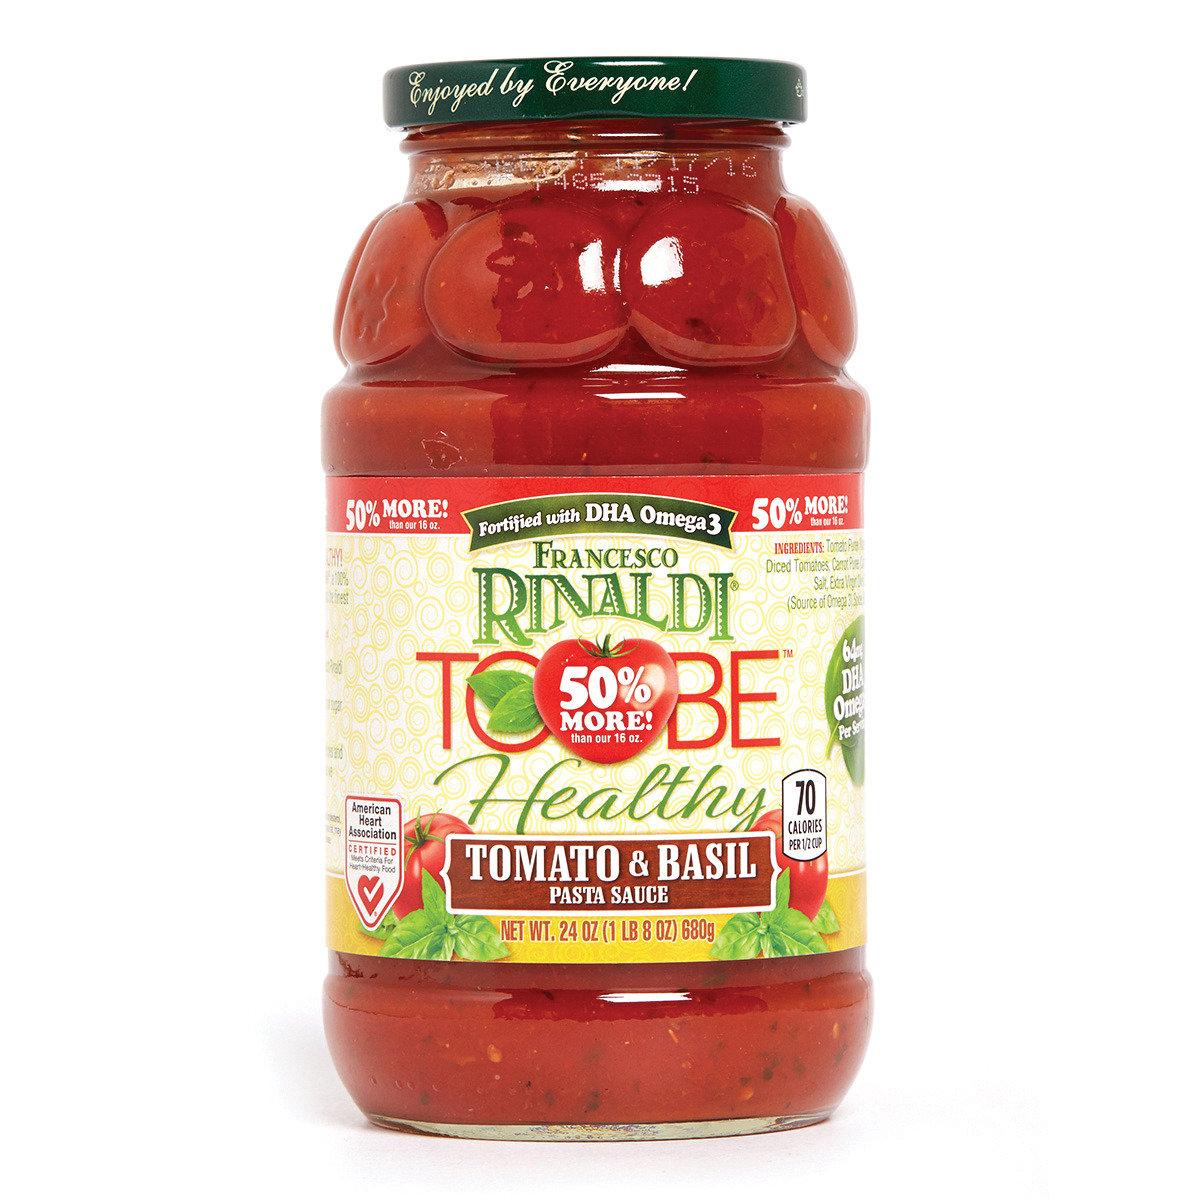 健營番茄及羅勒意粉醬